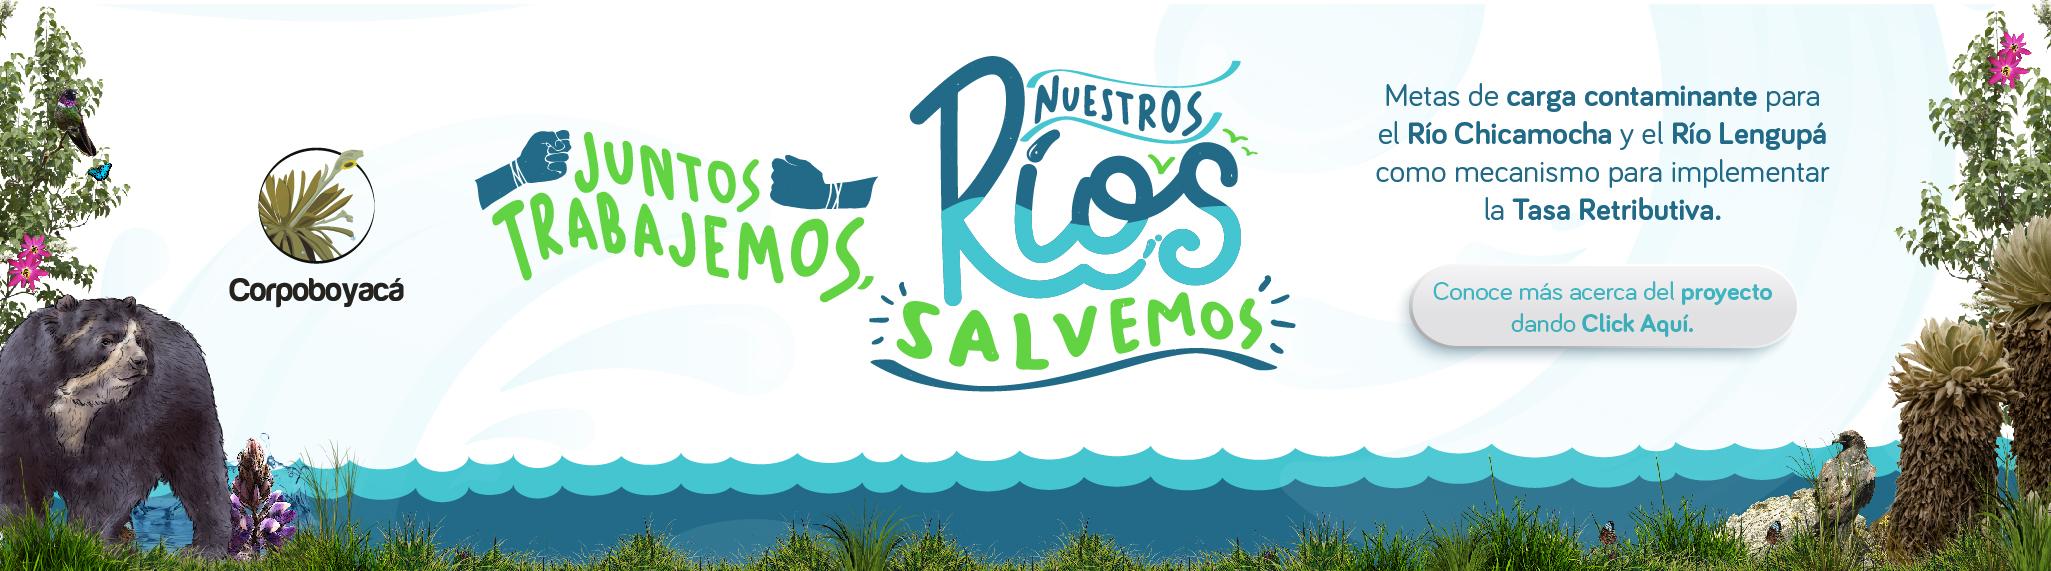 Foto Juntos trabajemos, nuestros ríos salvemos